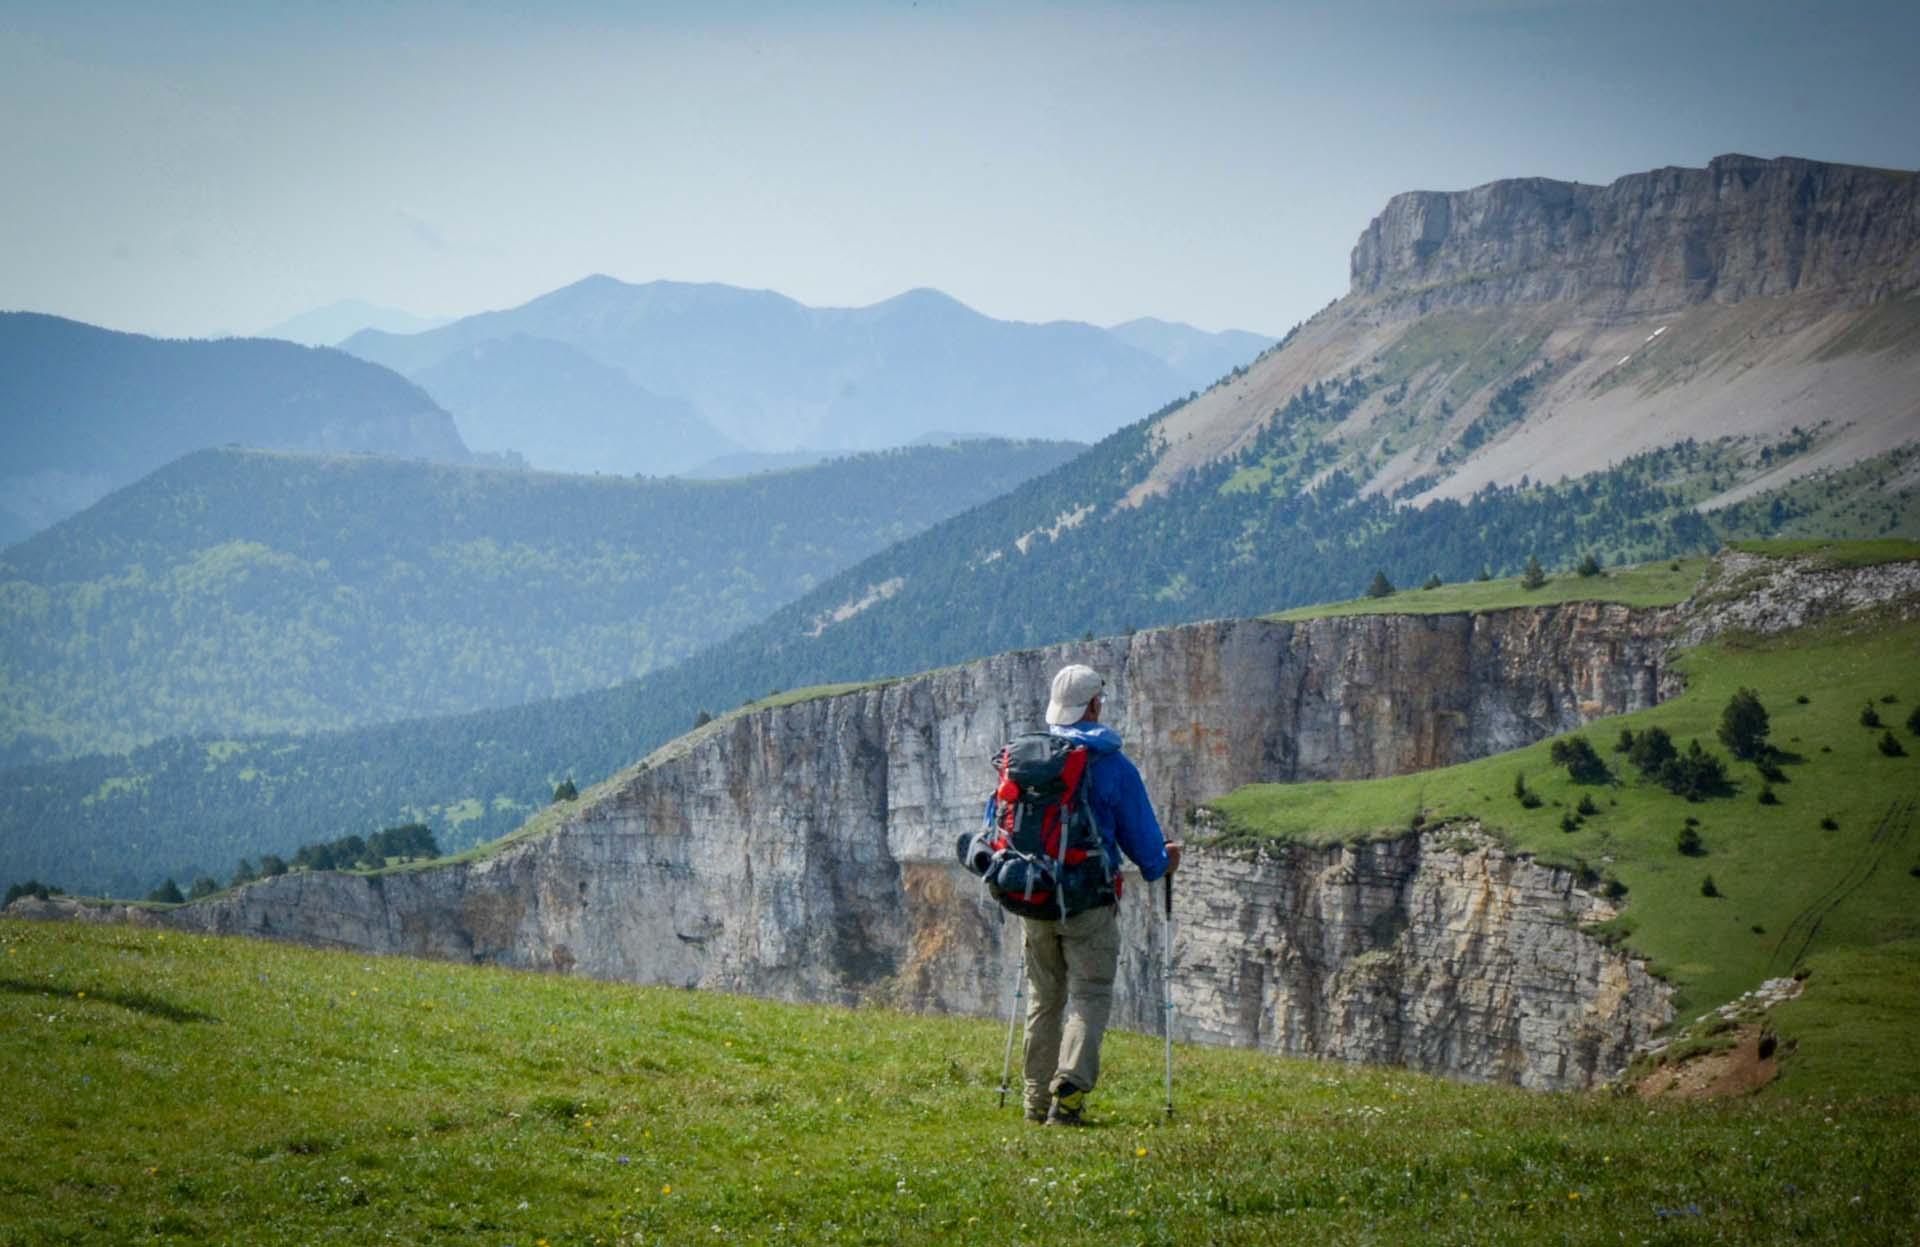 Slow Rando Sejour Liberte Decouverte Bivouac Hauts Plateaux Vercors Mont Aiguille Crete Tete Chevaliere